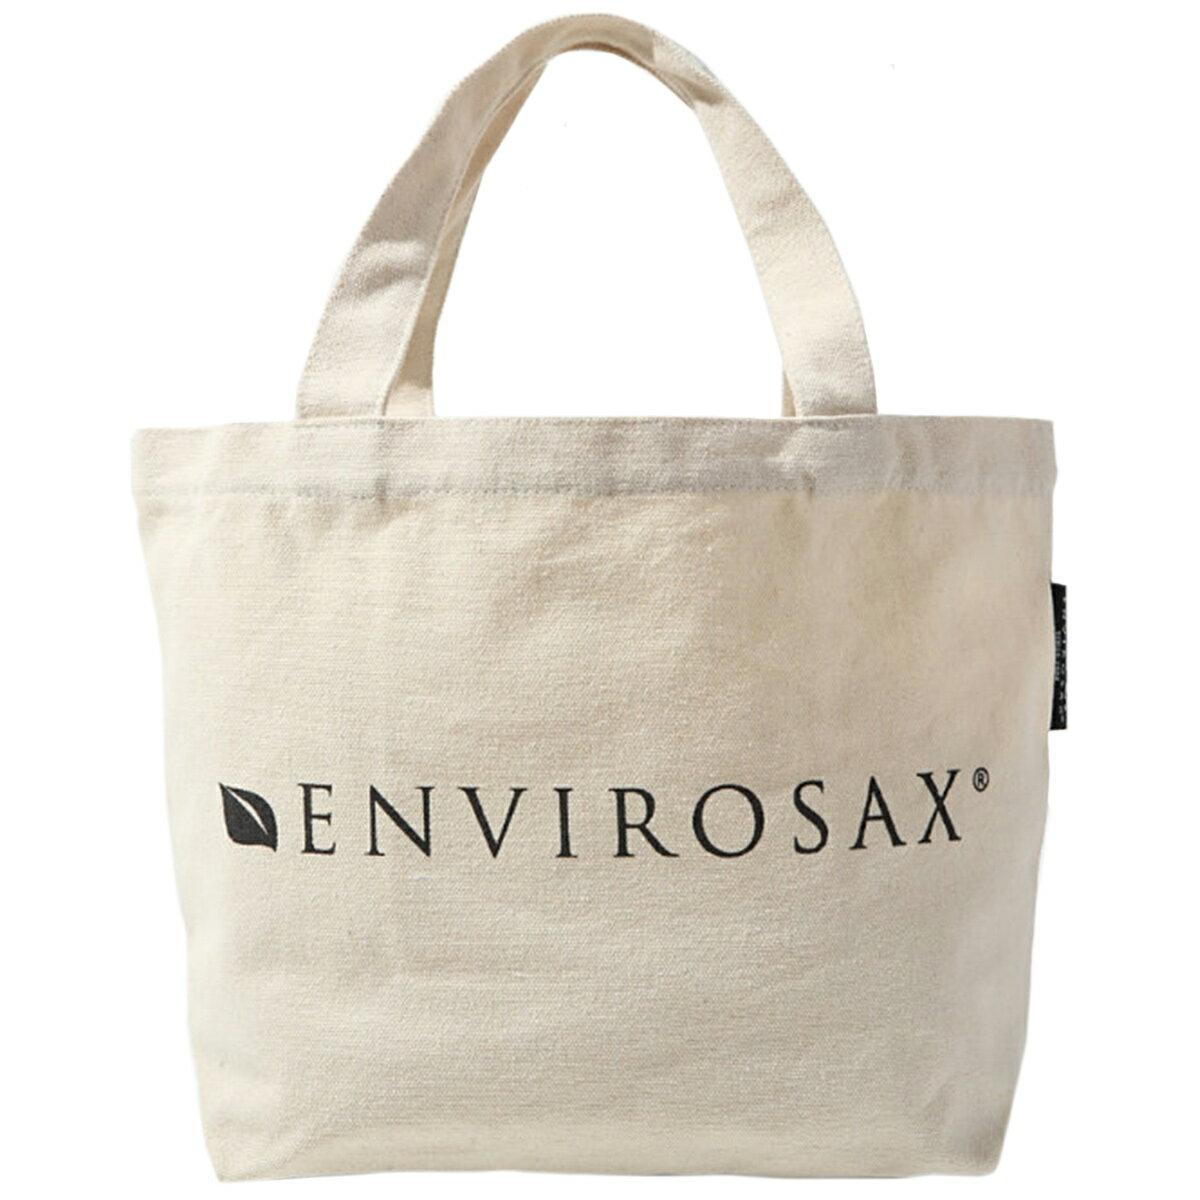 エンビロサックス ミニトートバッグ LGNA 日本国内正規品 【エンビロサックス トートバッグ 人気柄 ENVIROSAX オーストラリア】